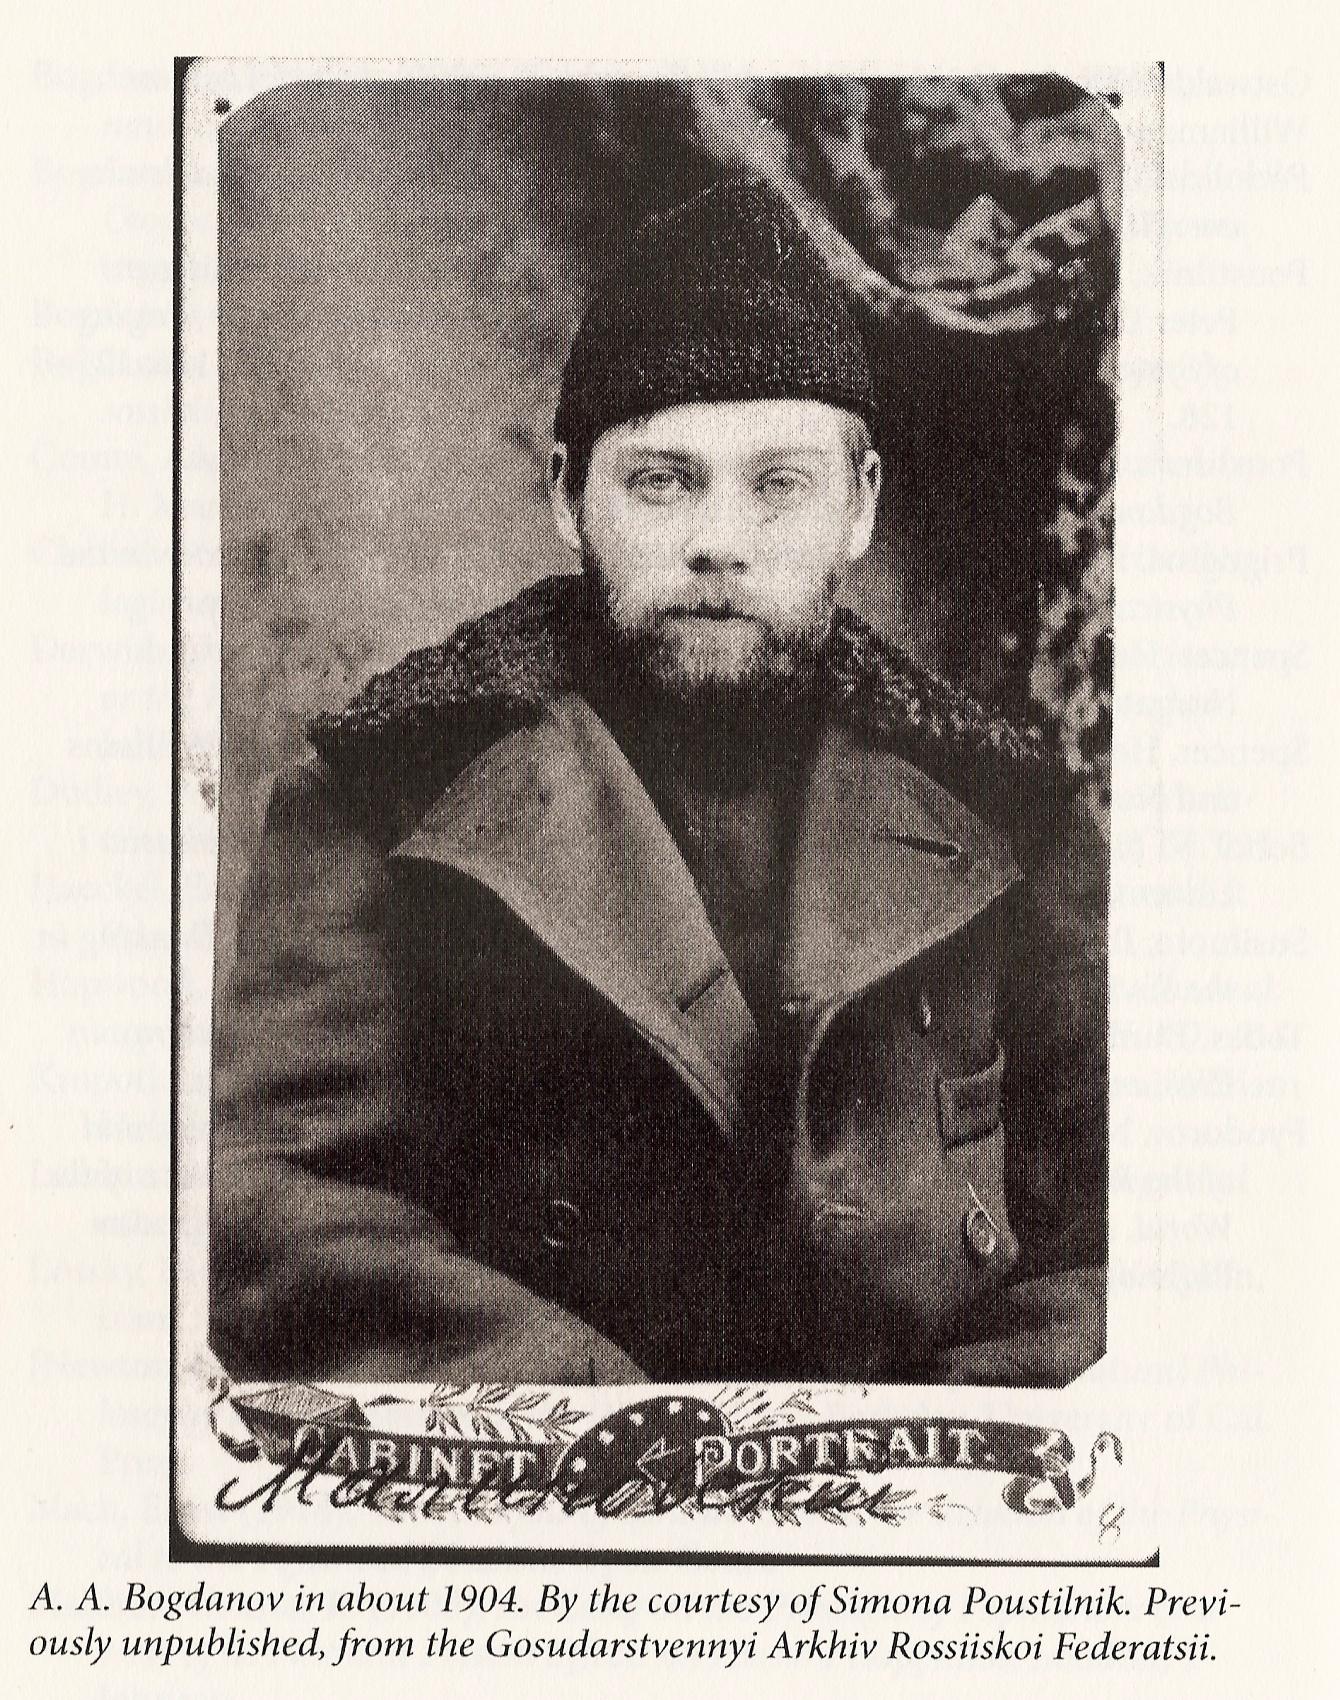 Alexander Bogdanov in 1904